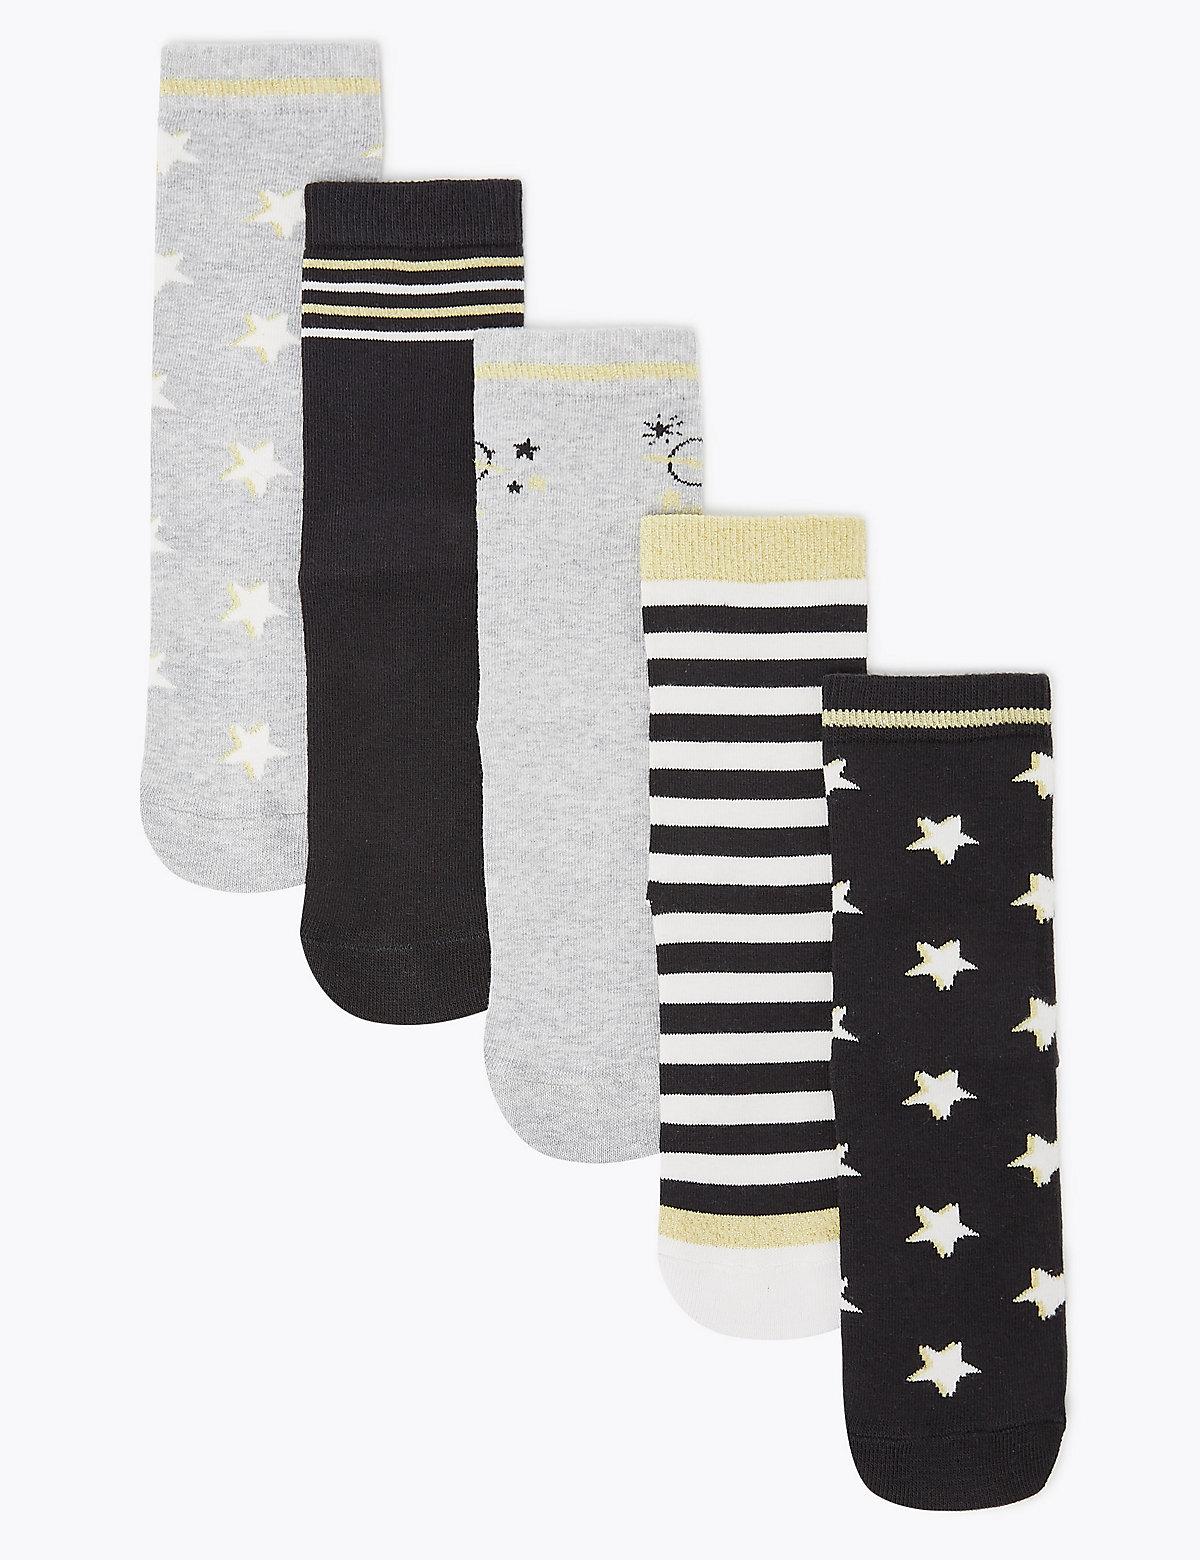 Носки для девочки с эффектом металлик (5 пар)